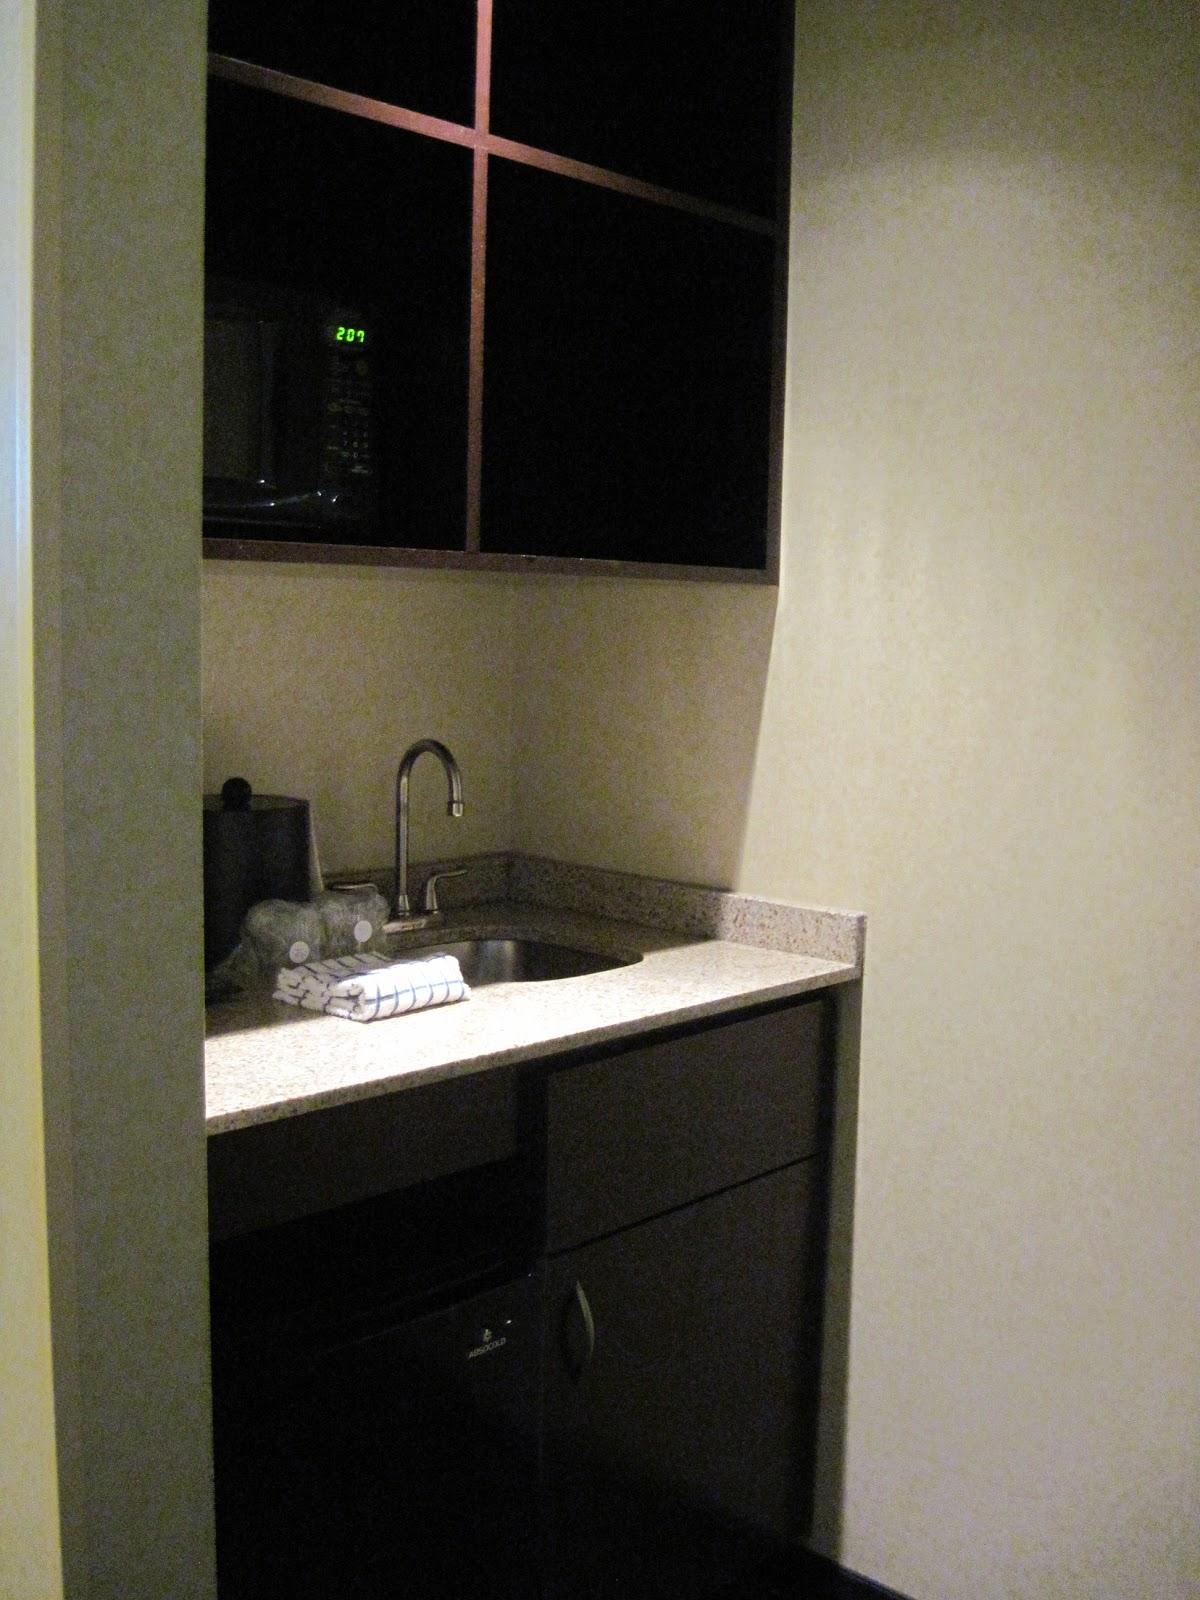 Springhill Suites West Palm Beach Reviews